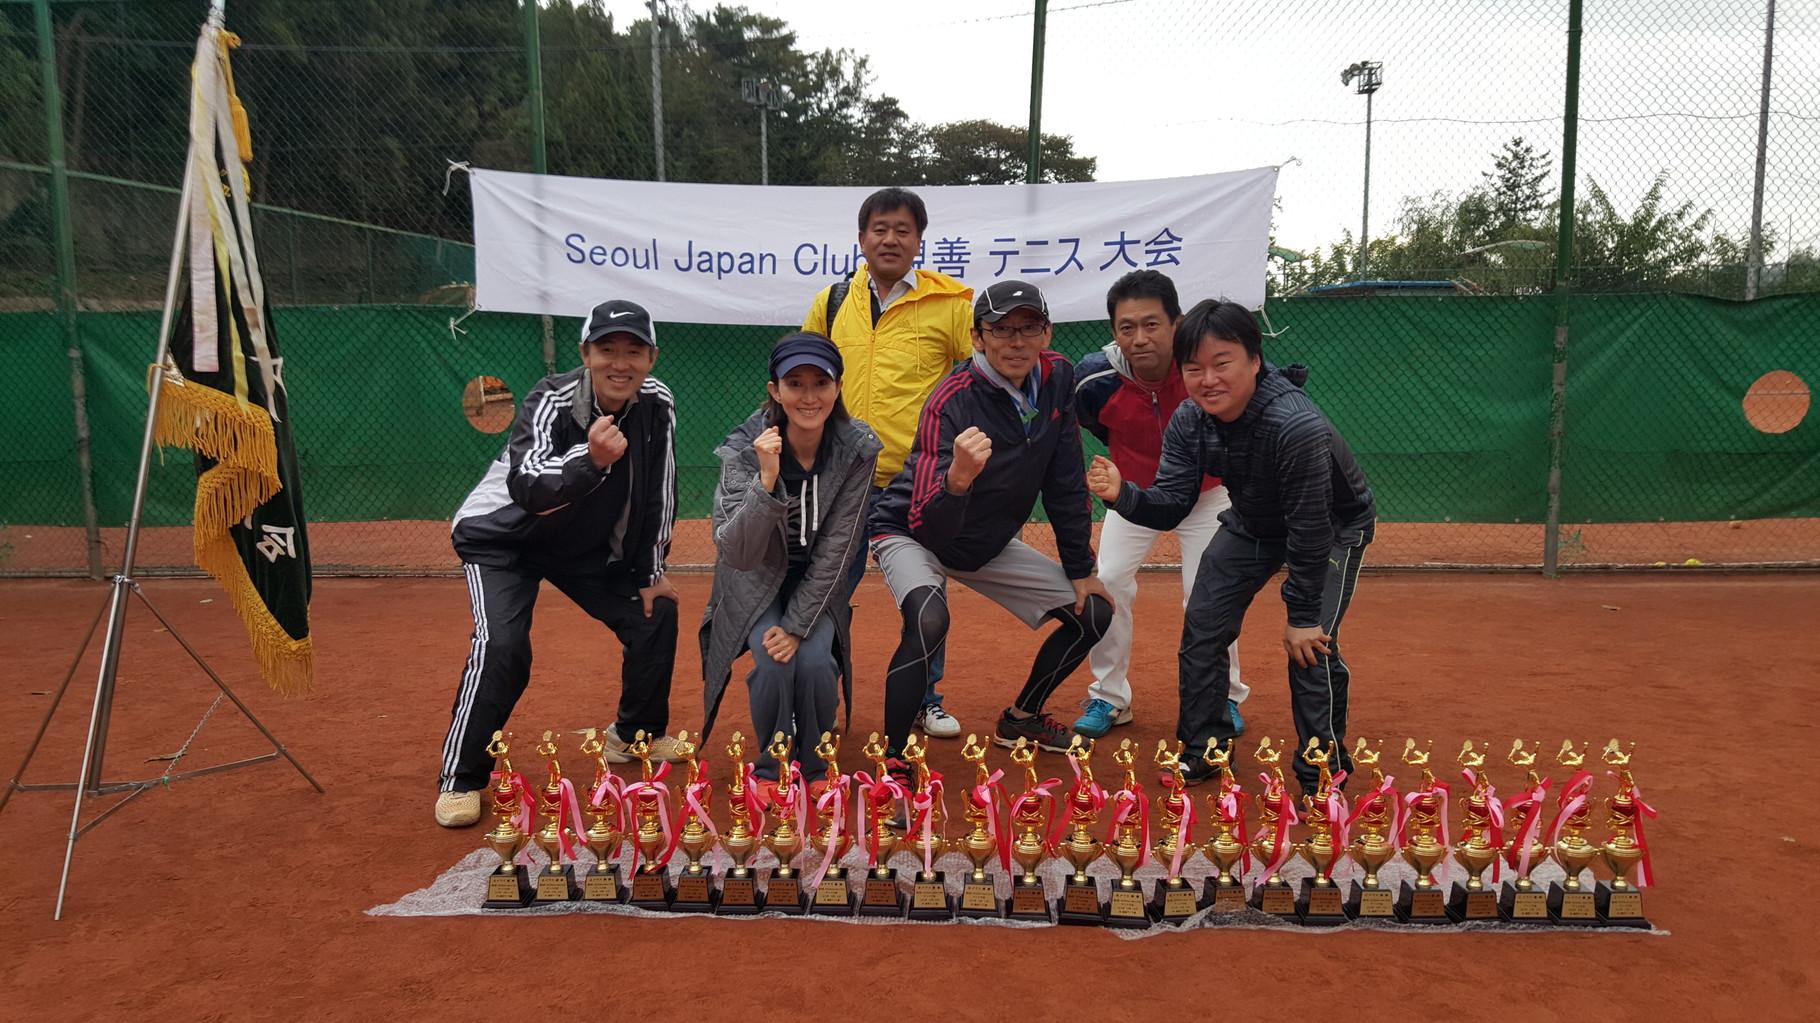 Bクラス・チームShuzo 優勝おめでとうございます!